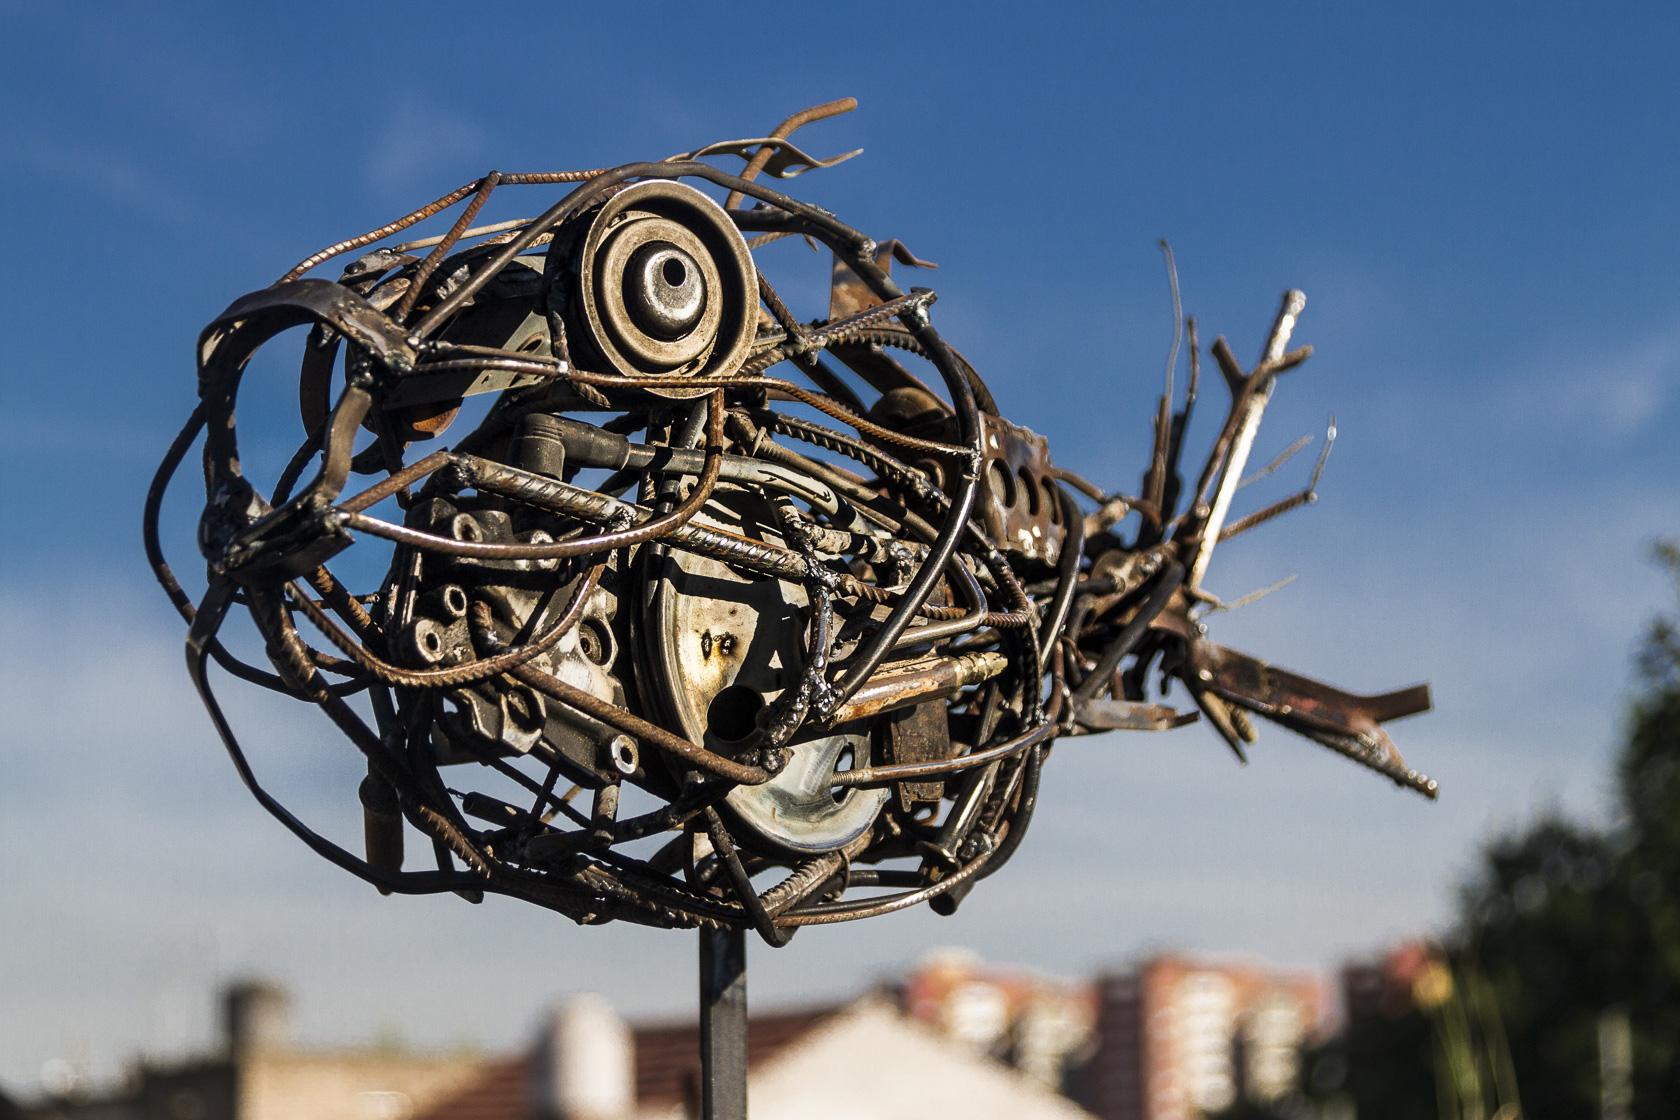 artista-plastico-argentino-maximiliano-borgia-006